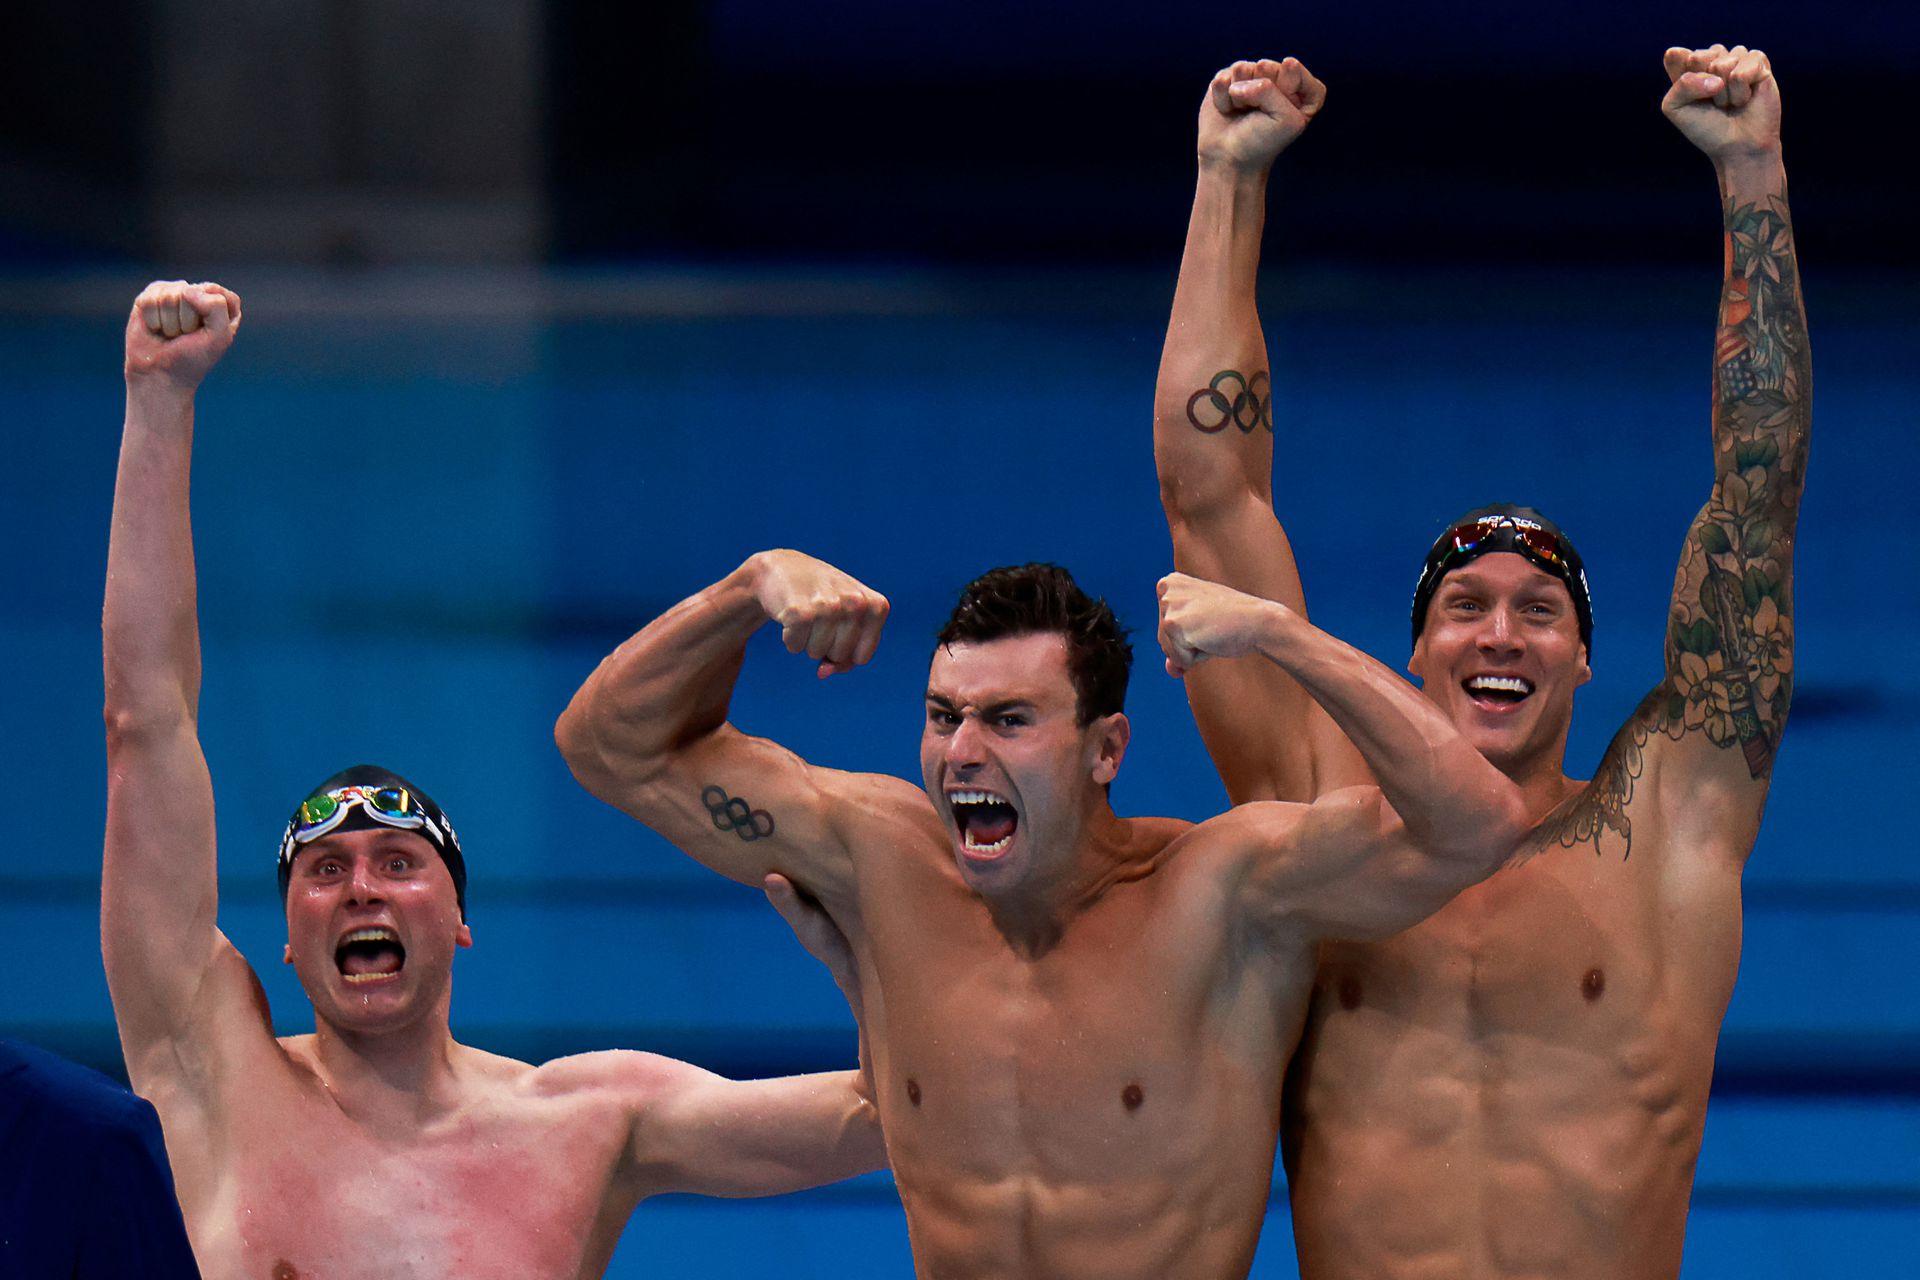 Caeleb Dressel (R) de EE. UU., Blake Pieroni (C) de EE. UU. Y Bowen Becker de EE. UU. Celebran su victoria para llevarse el oro en la final del evento masculino de natación de relevos 4x100m estilo libre durante los Juegos Olímpicos de Tokio 2020 en el Centro Acuático de Tokio en Tokio el 26 de julio , 2021.